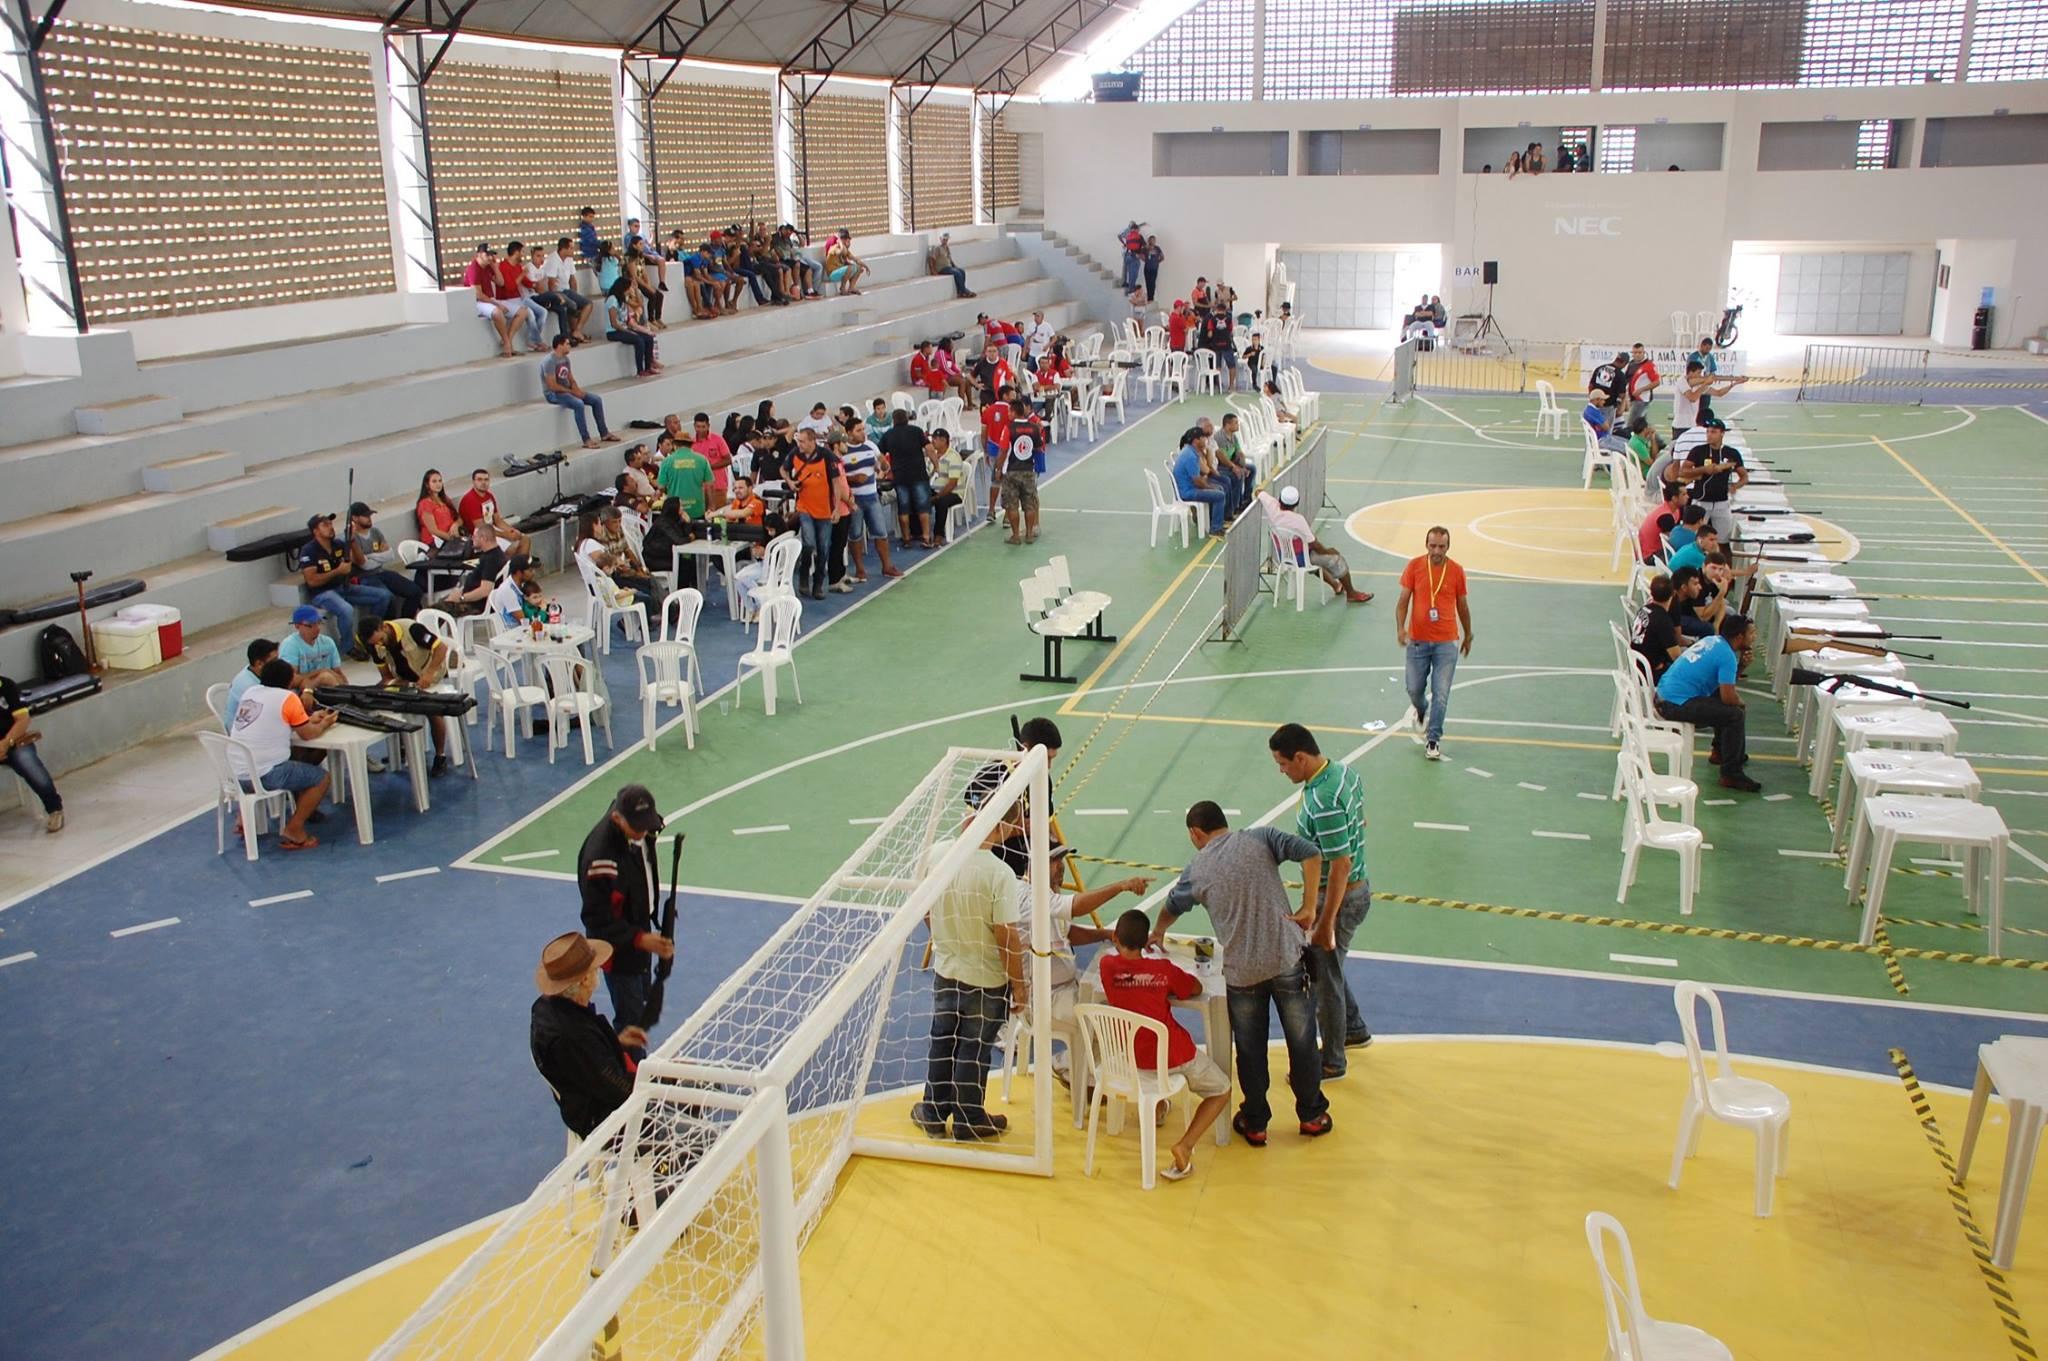 18700673_1889324744674049_2715610675160157881_o-300x199 Participantes comemoram o sucesso do Torneio de Tiro Esportivo de Monteiro